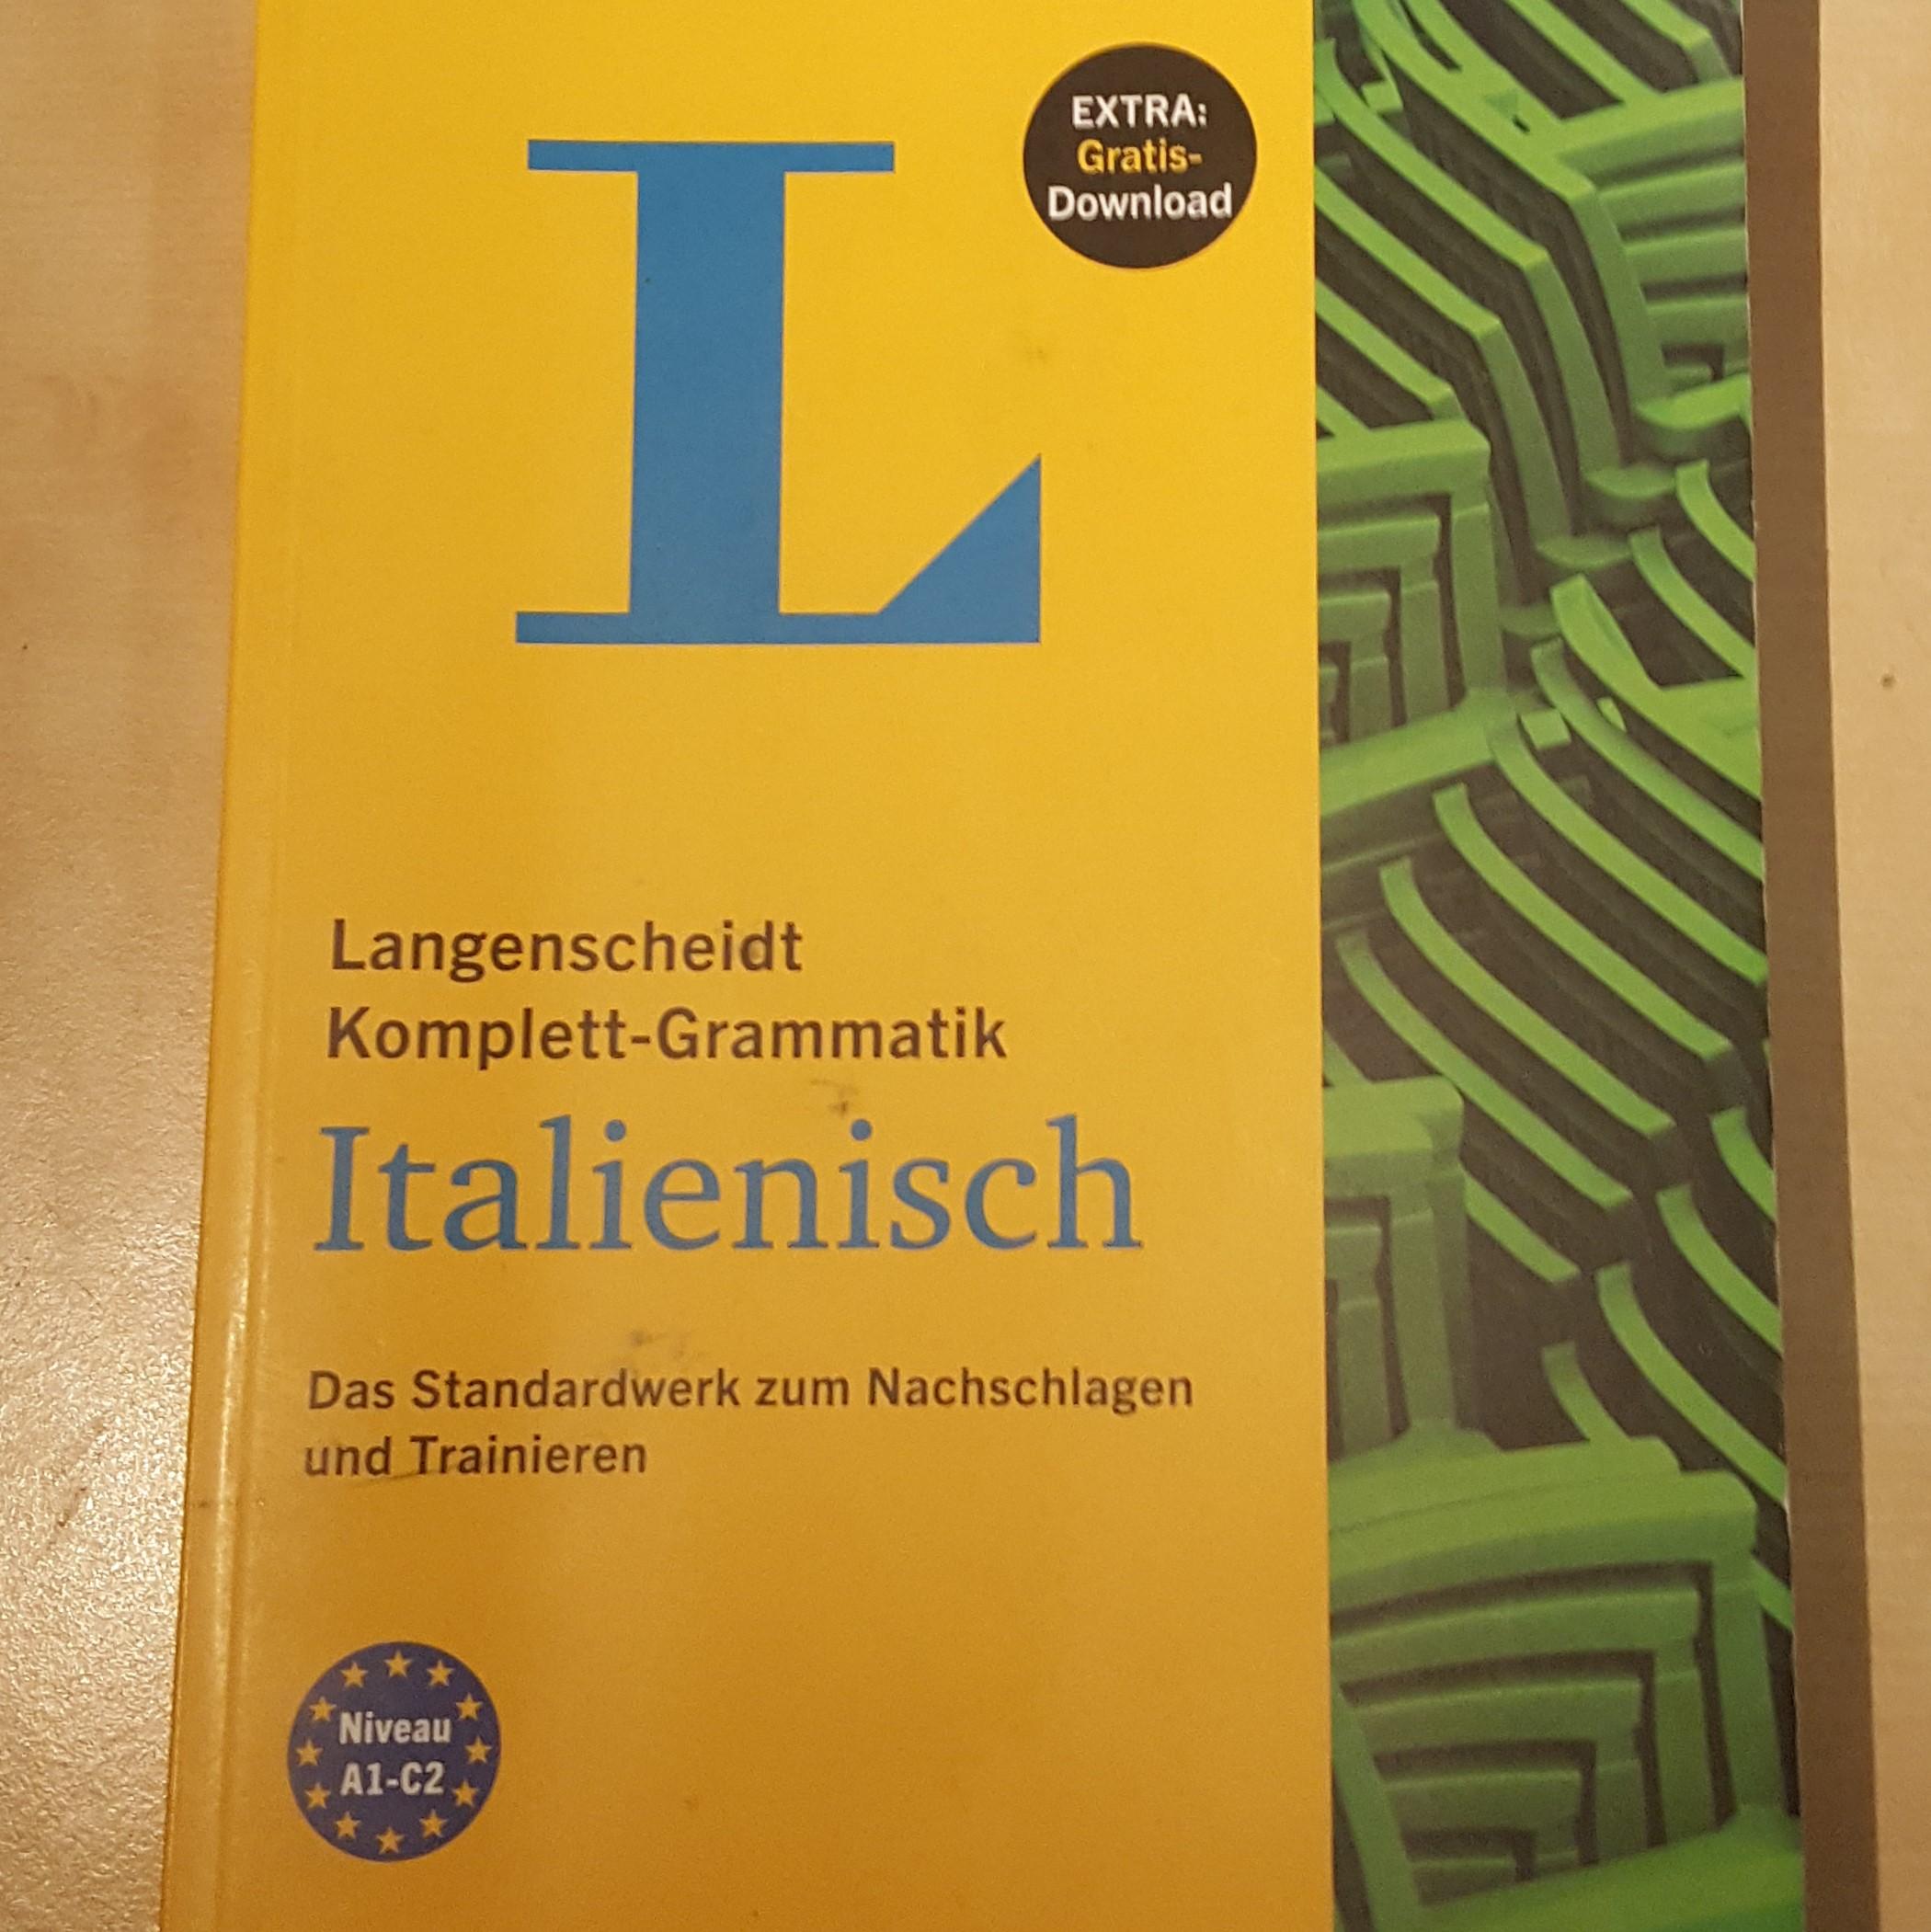 La Lingua Italienisch Lernen Praktikum Studieren Weltweit